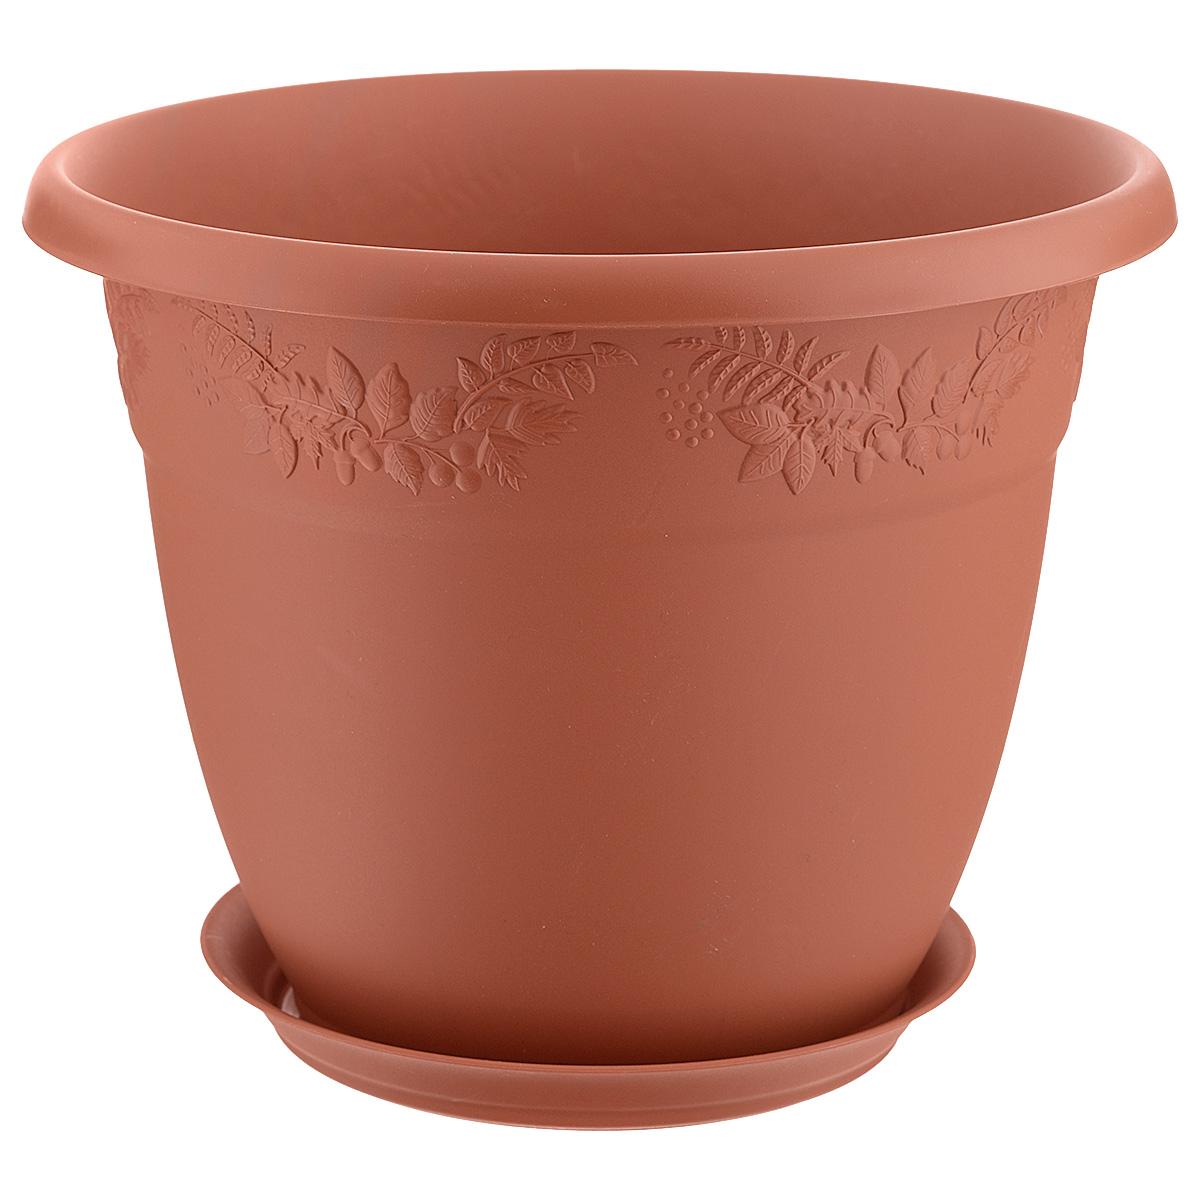 Кашпо Idea Рябина, с поддоном, цвет: терракотовый, 7,5 лP-0301Любой, даже самый современный и продуманный интерьер будет не завершённым без растений. Они не только очищают воздух и насыщают его кислородом, но и заметно украшают окружающее пространство. Такому полезному &laquo члену семьи&raquoпросто необходимо красивое и функциональное кашпо, оригинальный горшок или необычная ваза! Мы предлагаем - Кашпо 7,5 л Рябина d=28 см, с поддоном, цвет терракотовый!Оптимальный выбор материала &mdash &nbsp пластмасса! Почему мы так считаем? Малый вес. С лёгкостью переносите горшки и кашпо с места на место, ставьте их на столики или полки, подвешивайте под потолок, не беспокоясь о нагрузке. Простота ухода. Пластиковые изделия не нуждаются в специальных условиях хранения. Их&nbsp легко чистить &mdashдостаточно просто сполоснуть тёплой водой. Никаких царапин. Пластиковые кашпо не царапают и не загрязняют поверхности, на которых стоят. Пластик дольше хранит влагу, а значит &mdashрастение реже нуждается в поливе. Пластмасса не пропускает воздух &mdashкорневой системе растения не грозят резкие перепады температур. Огромный выбор форм, декора и расцветок &mdashвы без труда подберёте что-то, что идеально впишется в уже существующий интерьер.Соблюдая нехитрые правила ухода, вы можете заметно продлить срок службы горшков, вазонов и кашпо из пластика: всегда учитывайте размер кроны и корневой системы растения (при разрастании большое растение способно повредить маленький горшок)берегите изделие от воздействия прямых солнечных лучей, чтобы кашпо и горшки не выцветалидержите кашпо и горшки из пластика подальше от нагревающихся поверхностей.Создавайте прекрасные цветочные композиции, выращивайте рассаду или необычные растения, а низкие цены позволят вам не ограничивать себя в выборе.